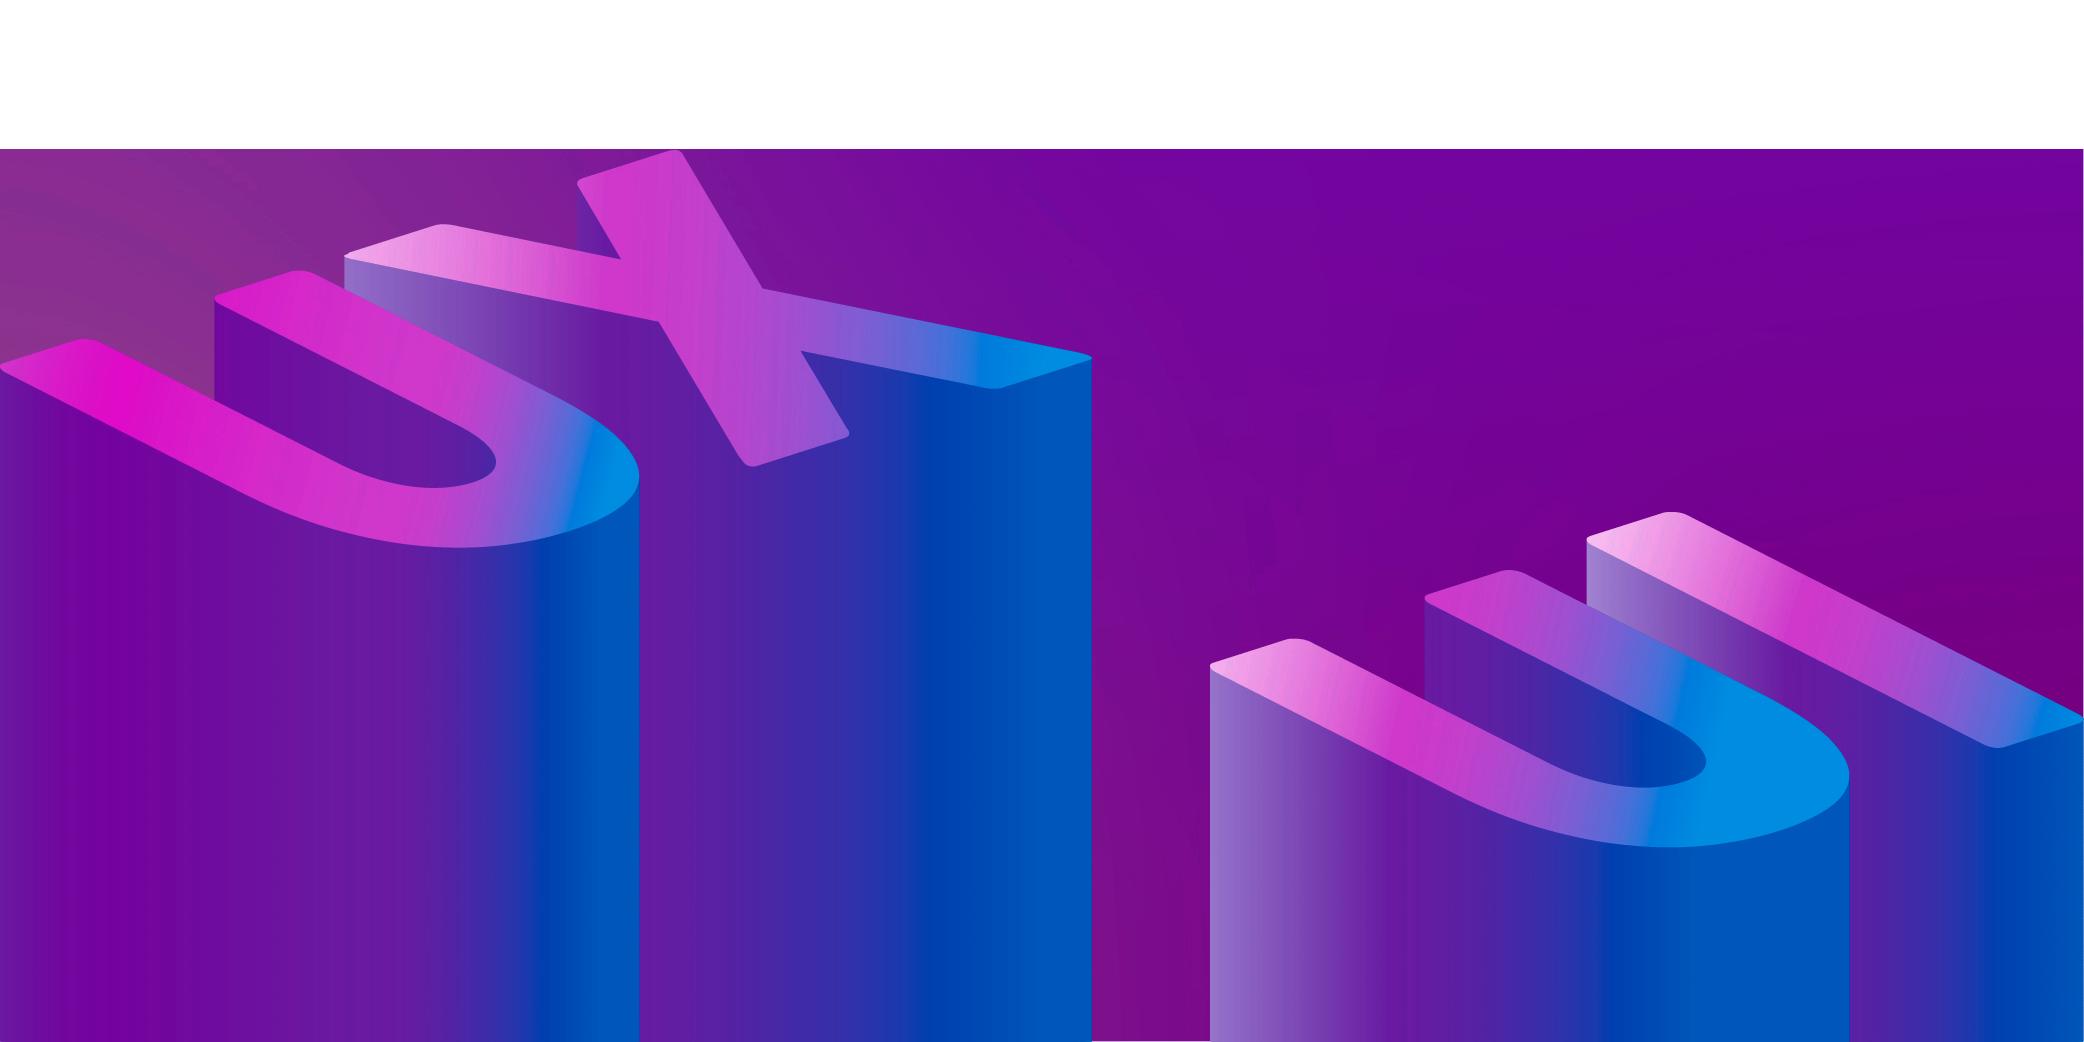 UI UX Design intro image